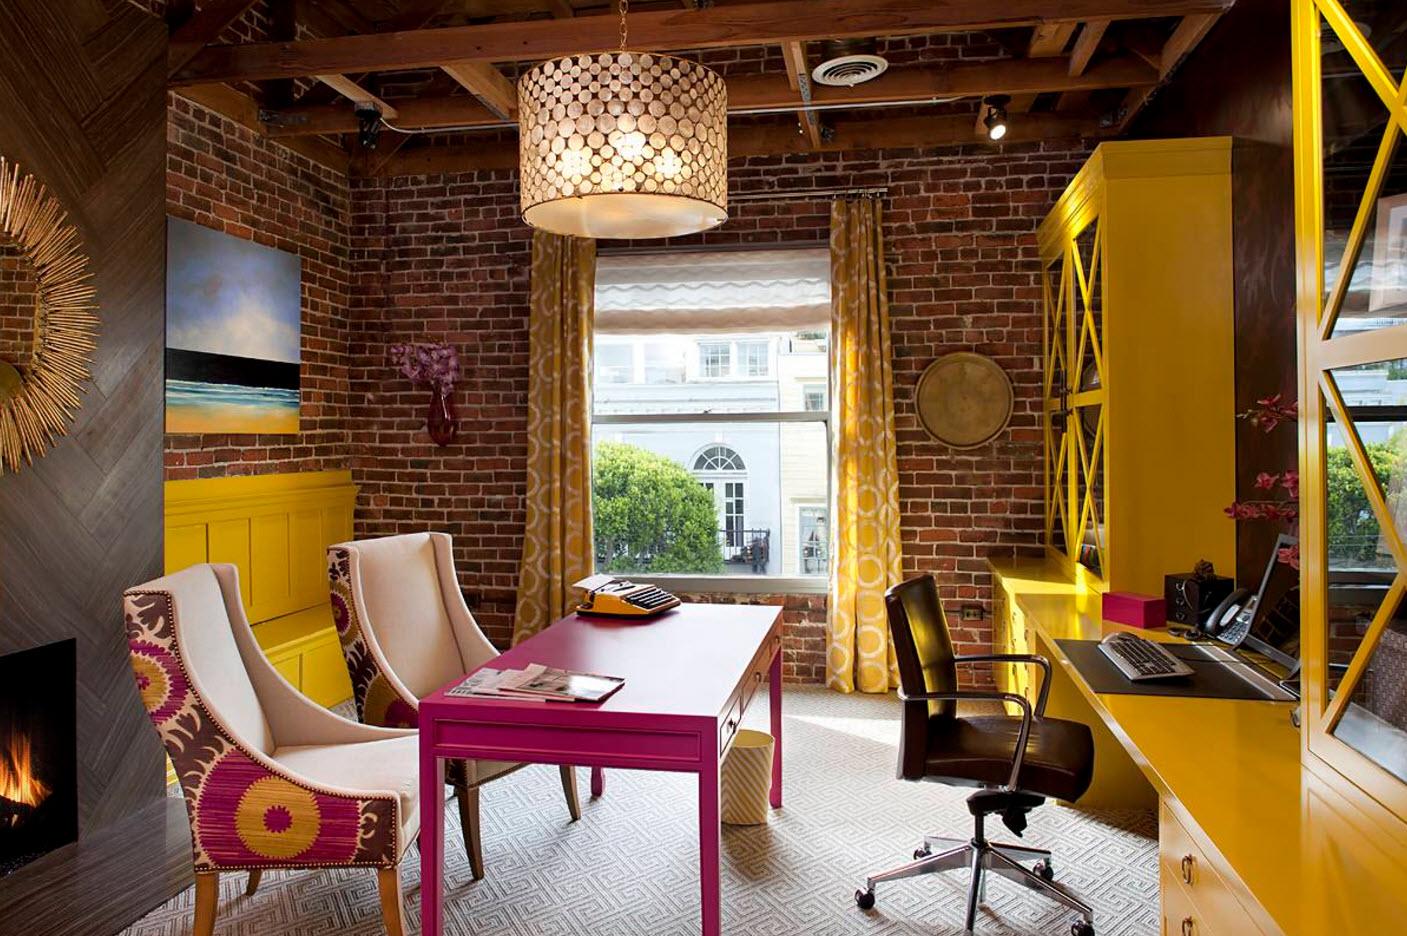 Темное кресло в комнате с яркой мебелью